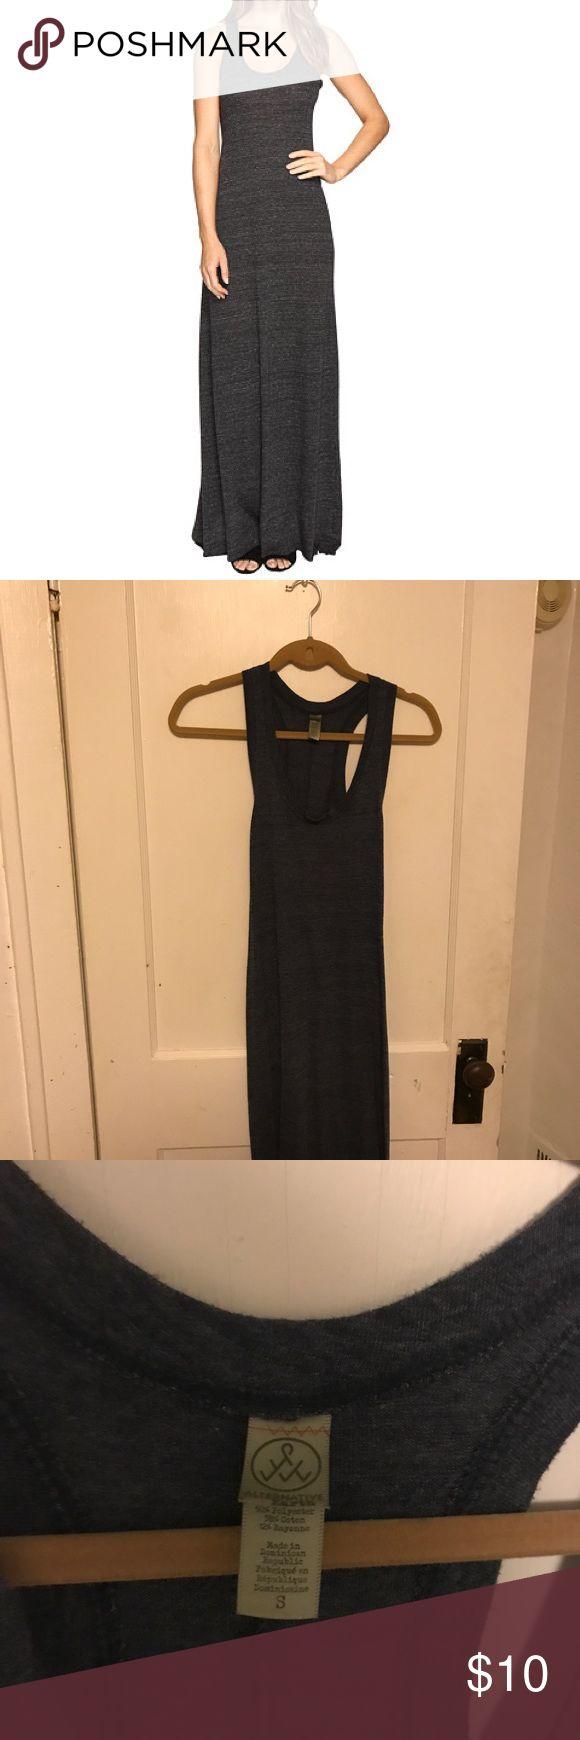 Alternative Apparel maxi dress Like new. Heathered navy color Alternative Apparel Dresses Maxi